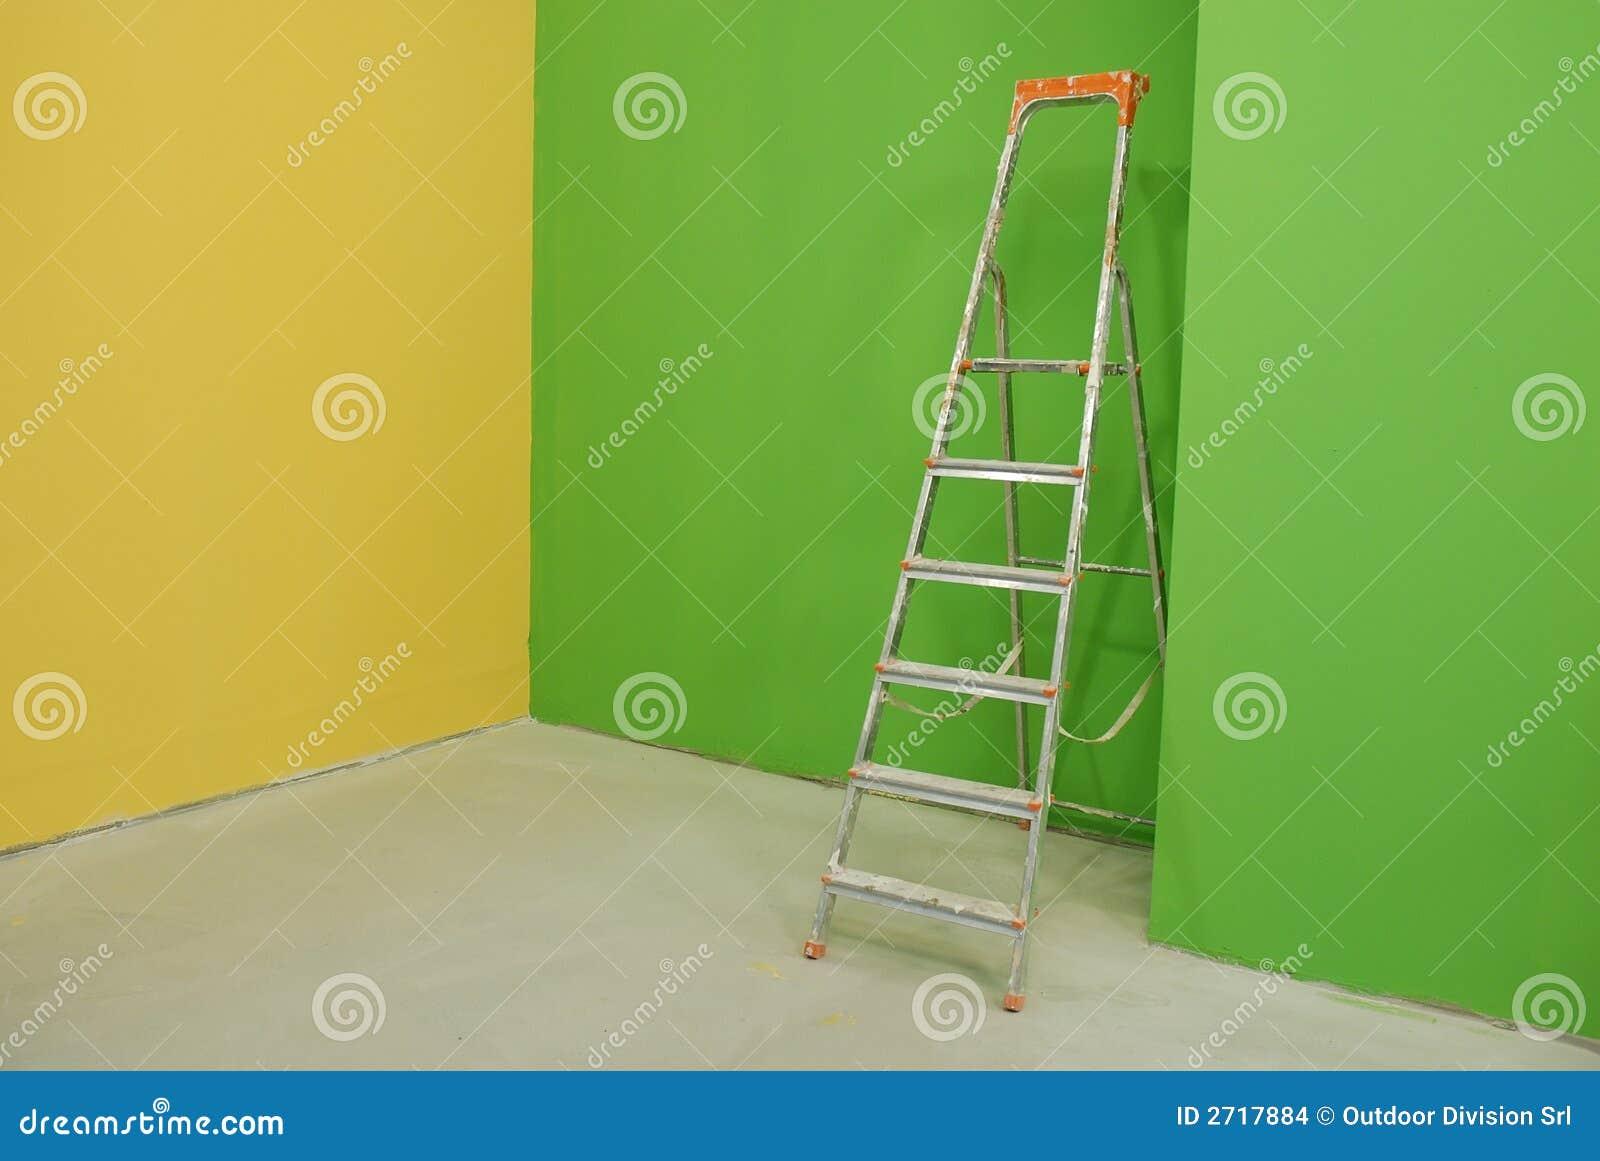 escala por las paredes pintadas foto de archivo imagen